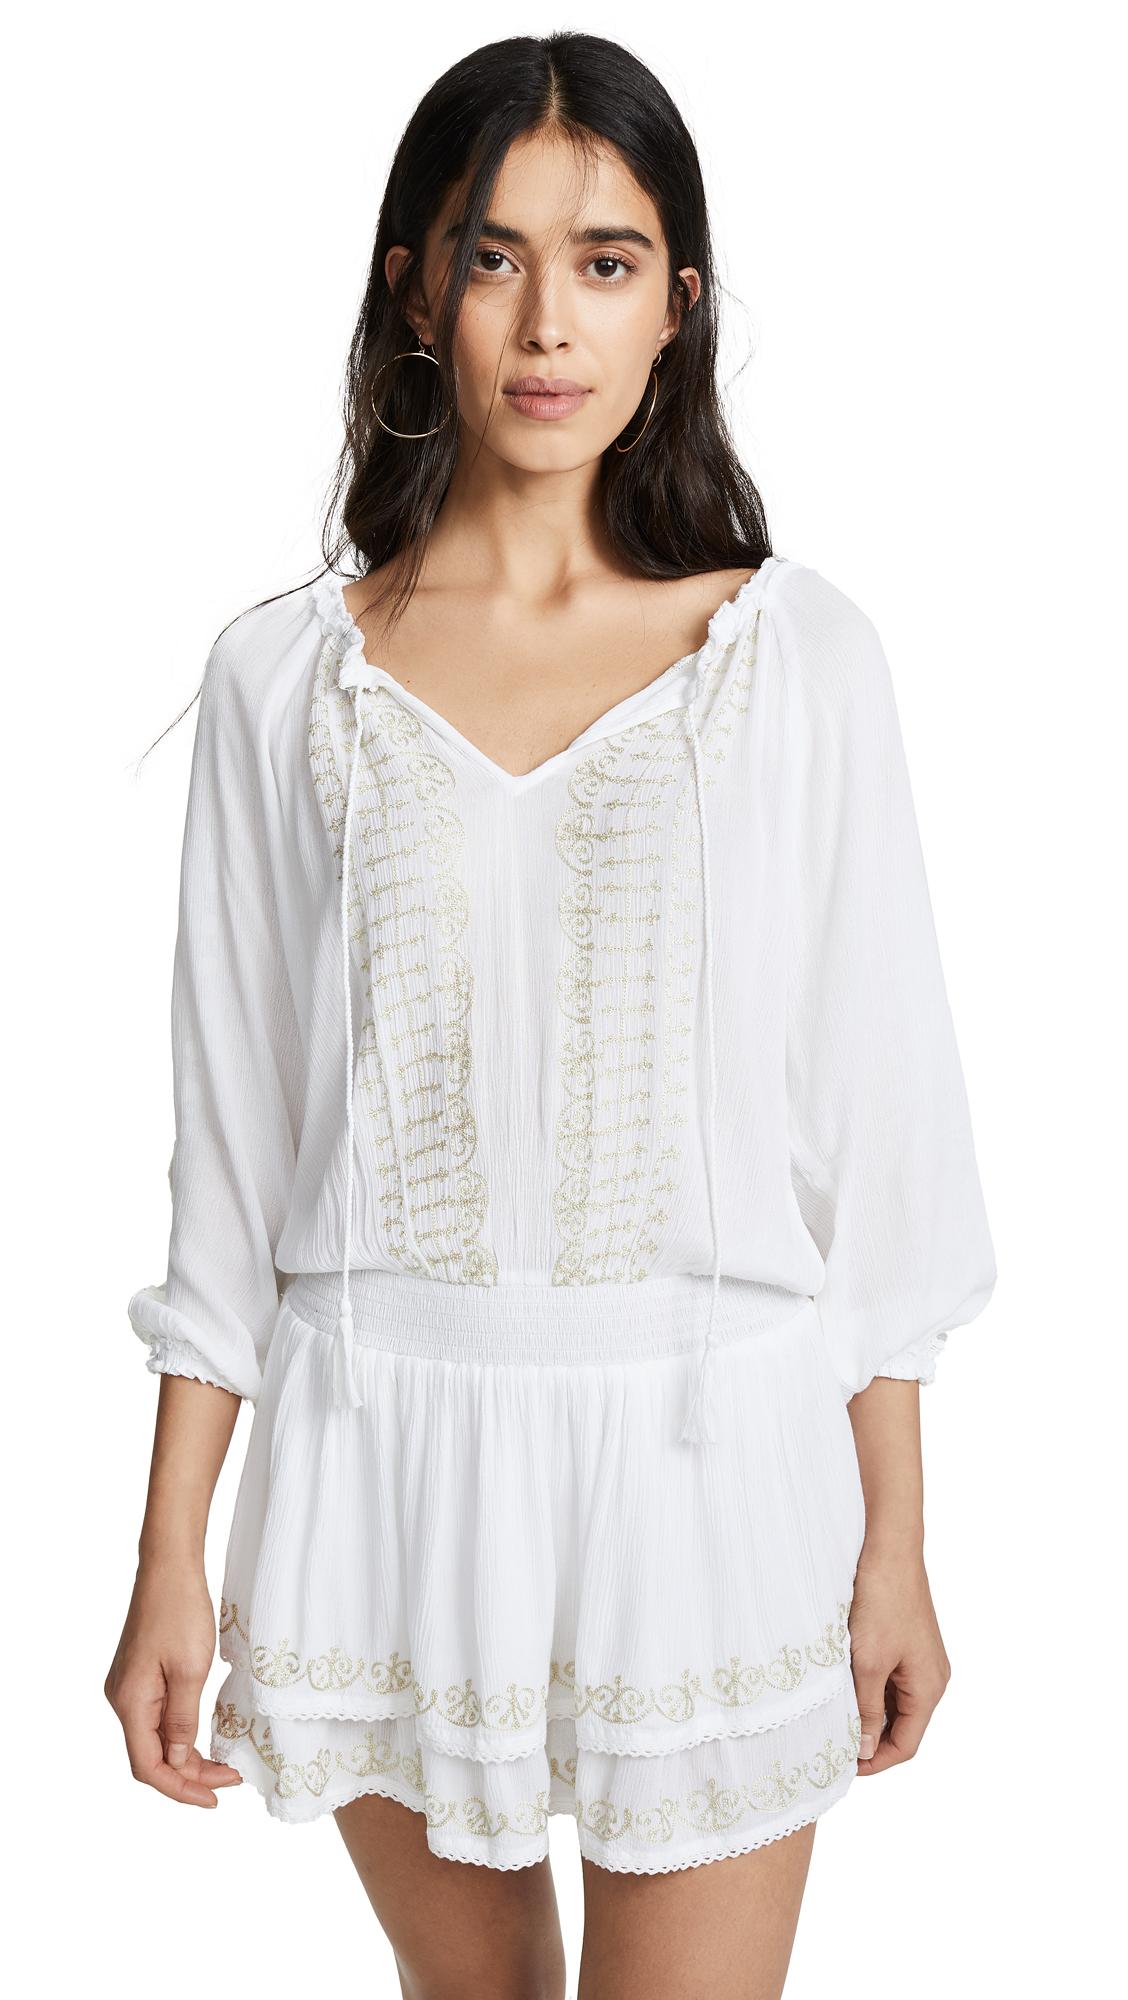 ONDADEMAR Short Dress in White